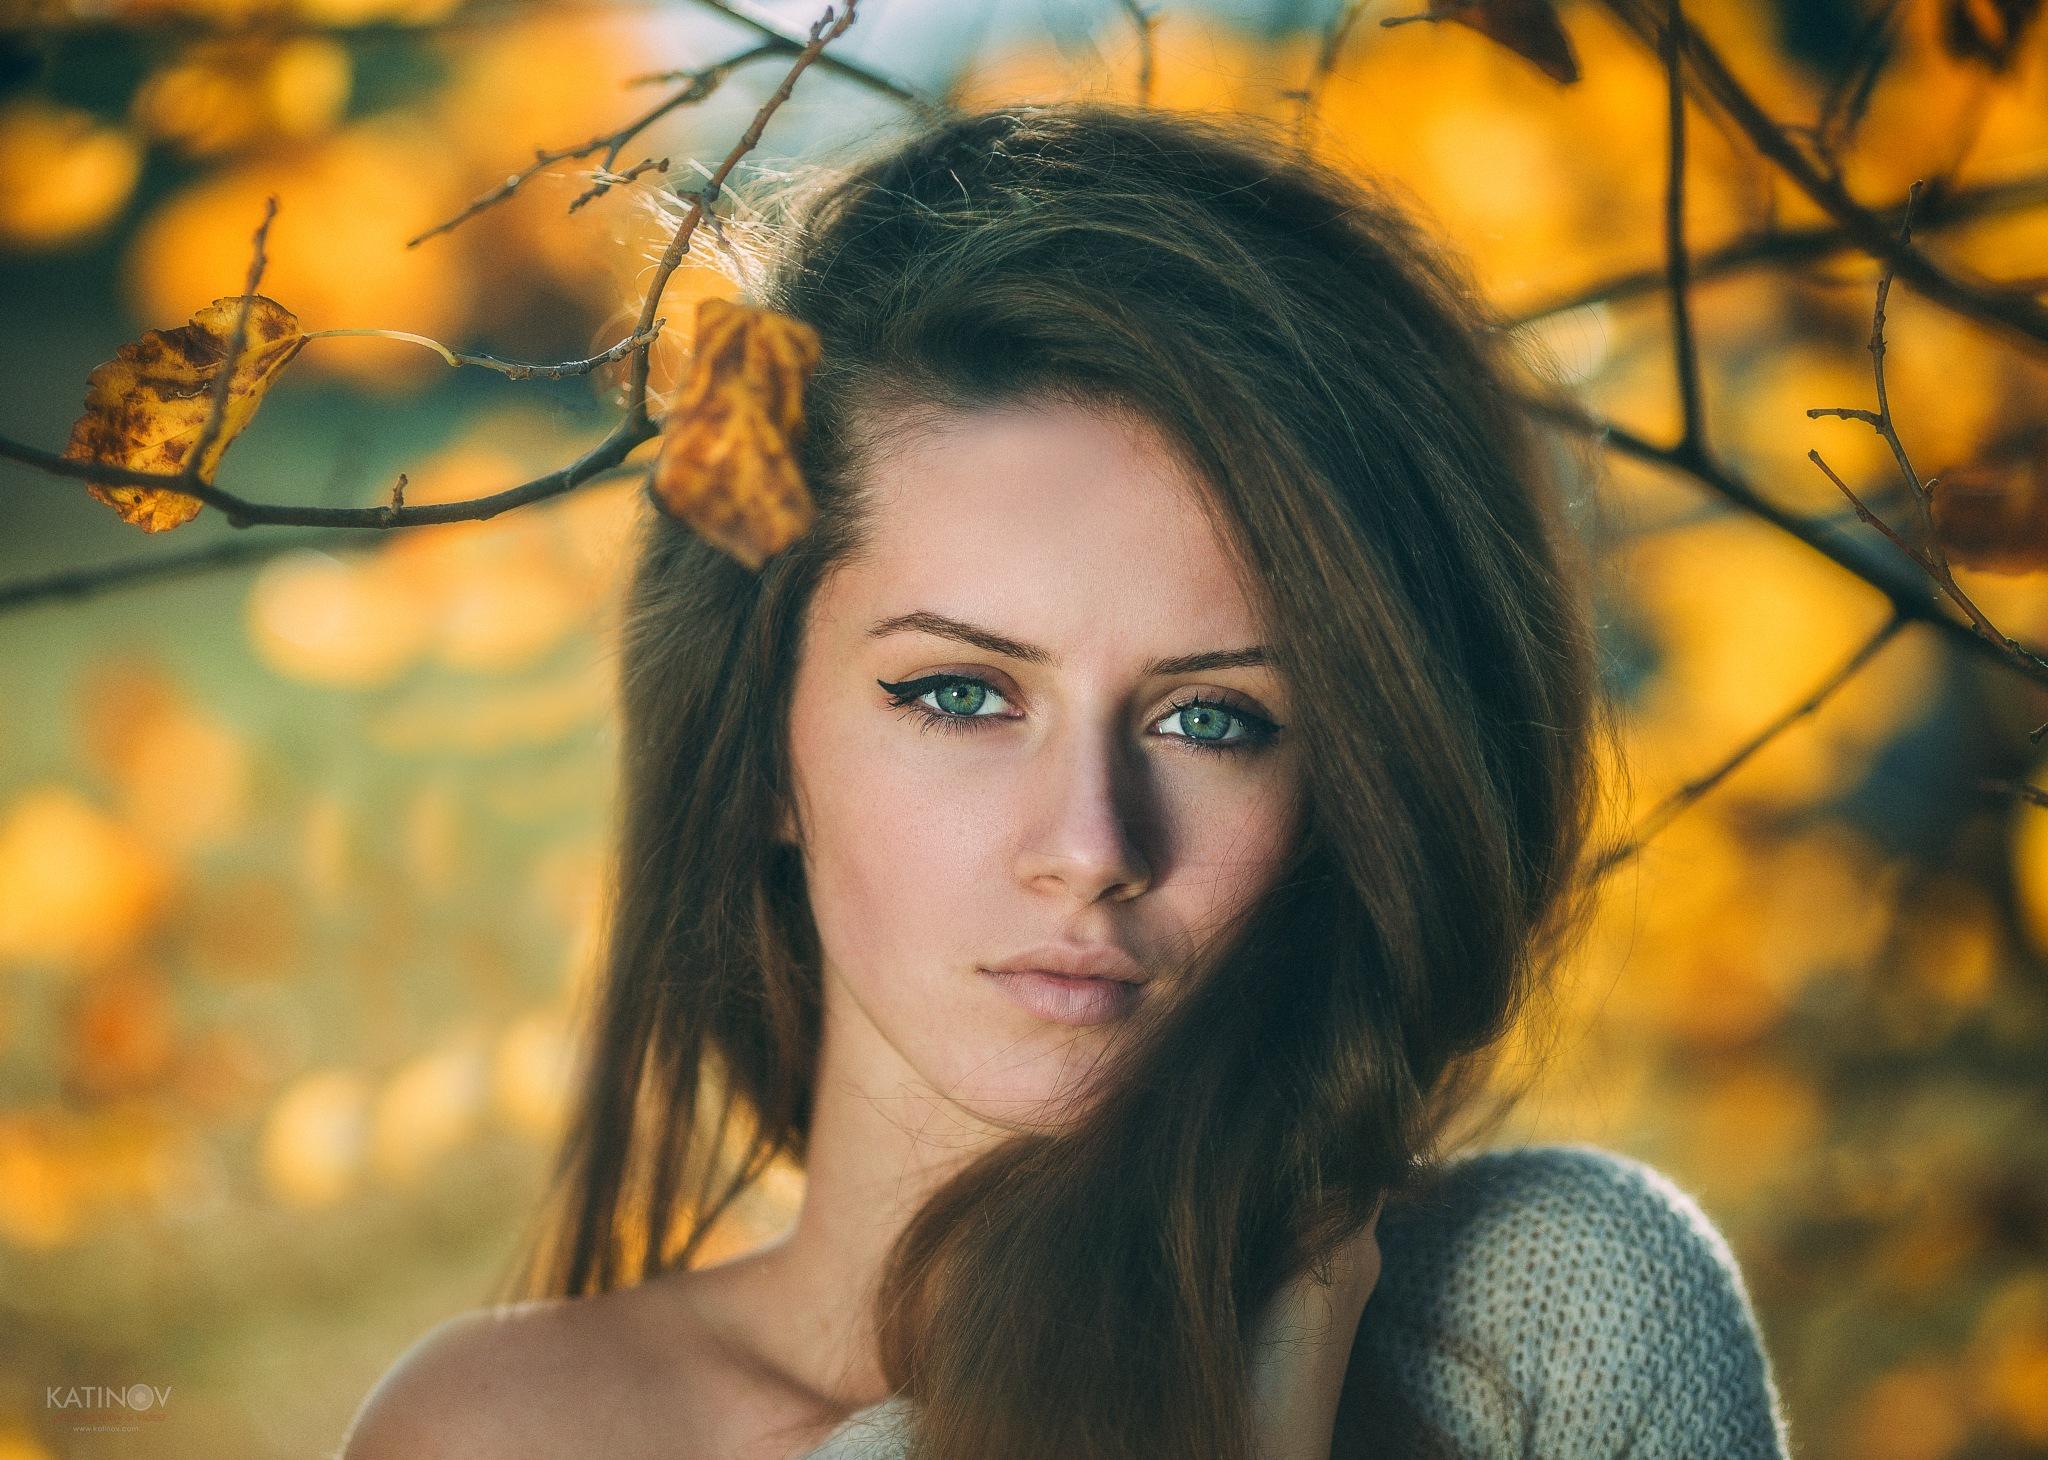 Autumn with Viki by Stoyan Katinov